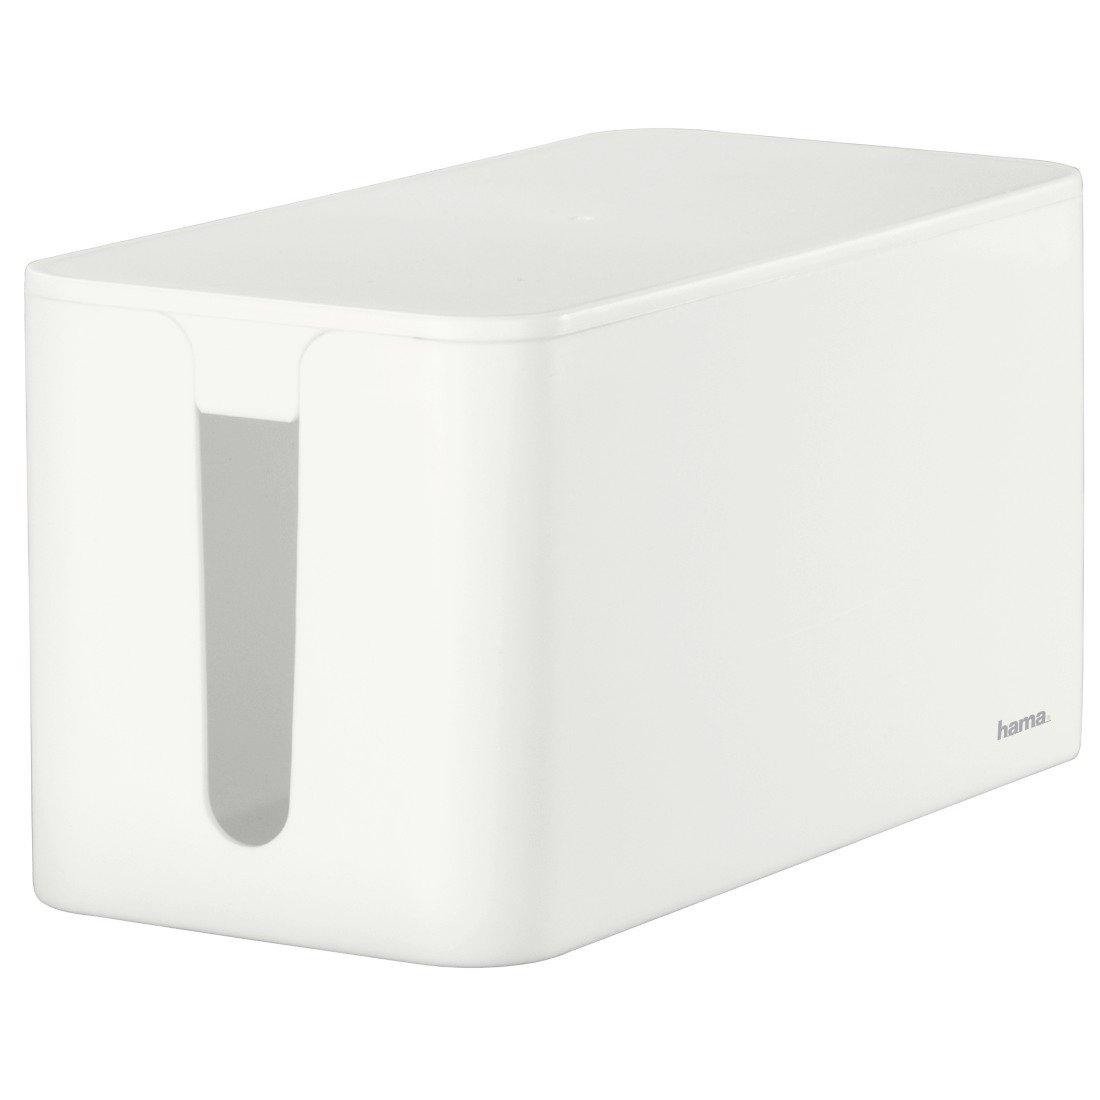 Hama opbergbox stekkerdoos mini wit in de webshop van OTTO kopen